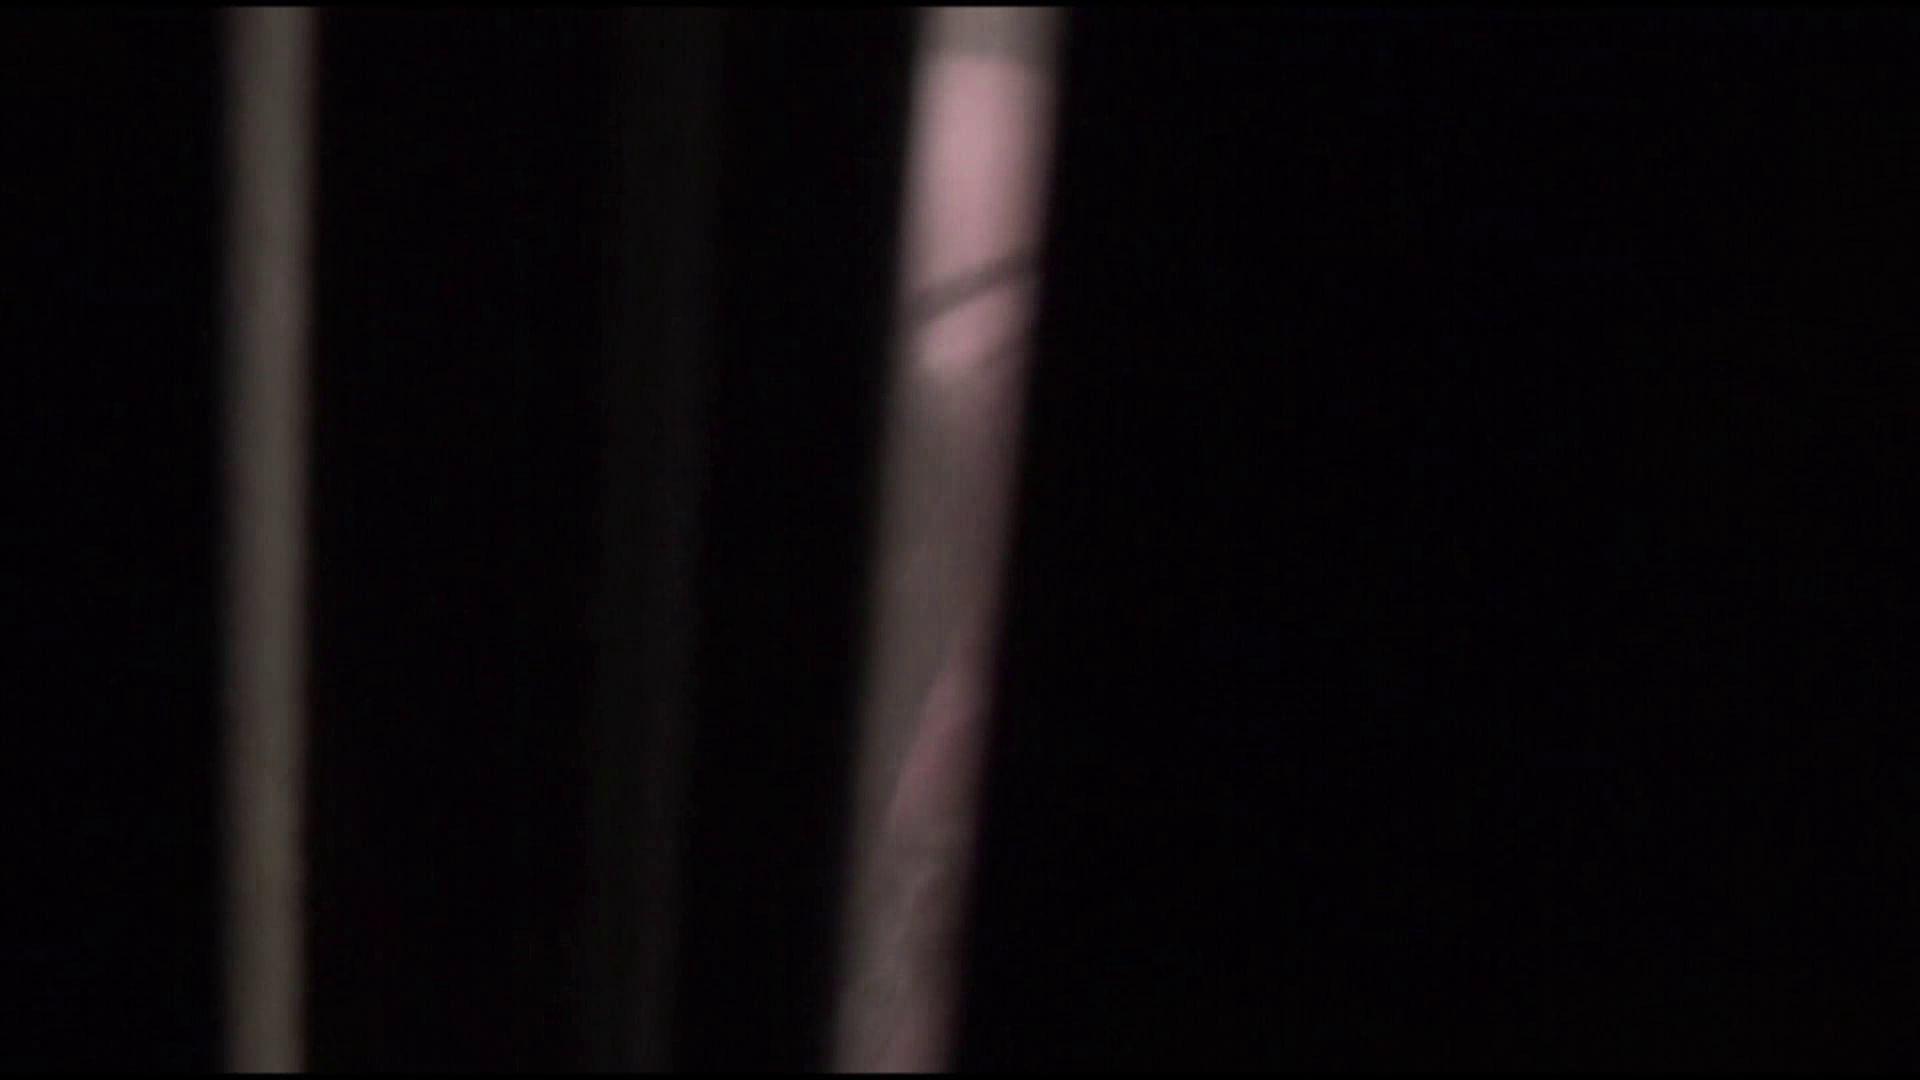 民家の騎士さんの最後の性戦ハイビジョン!!No.47 民家  79画像 68